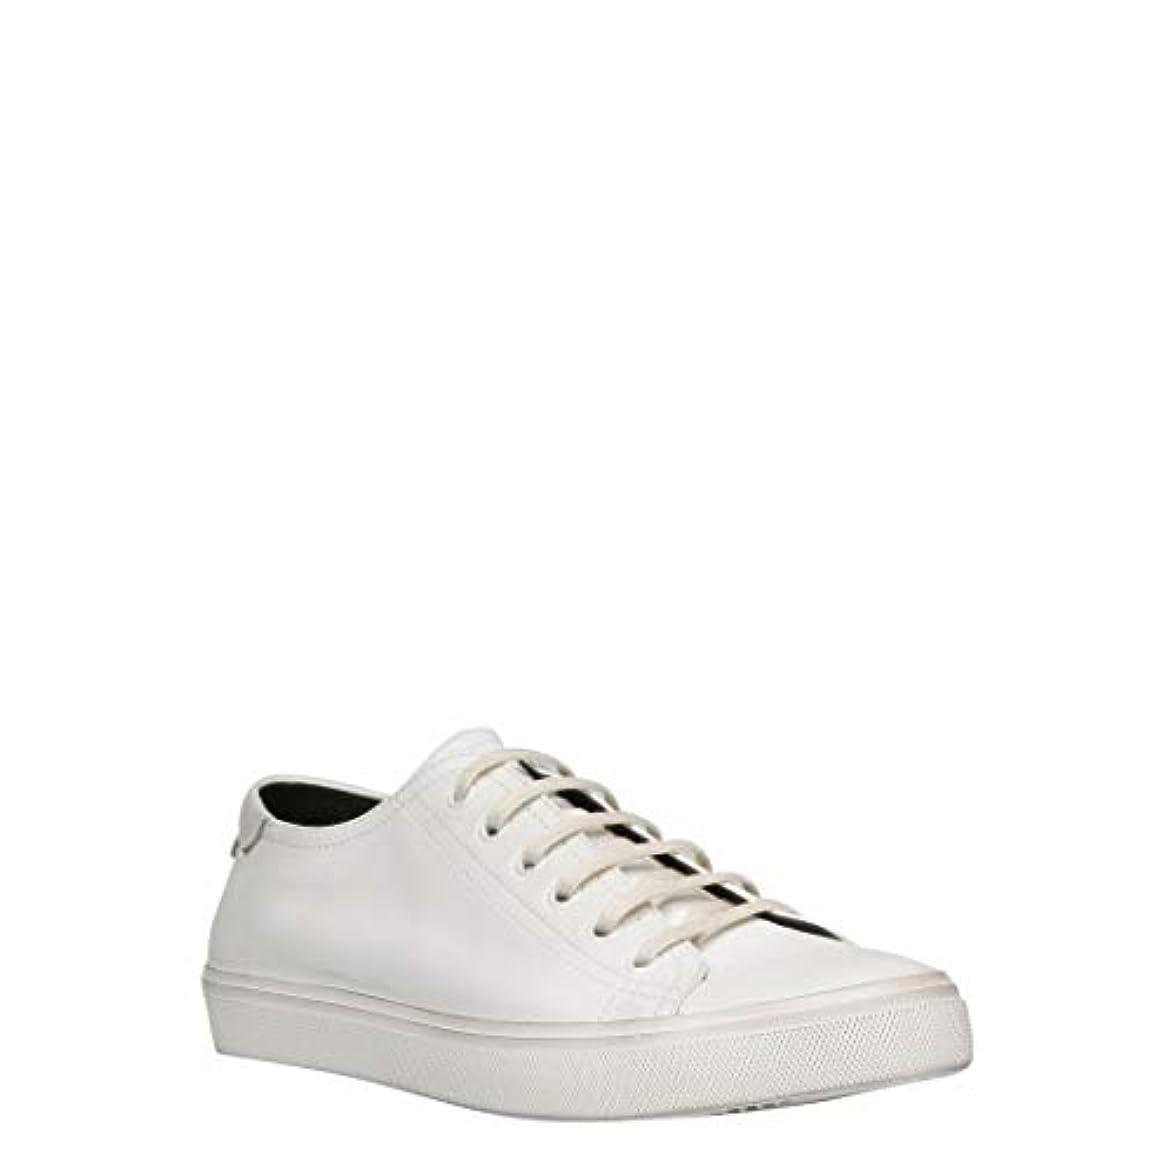 Saint Laurent Sneakers Donna 52984108g109030 Pelle Bianco